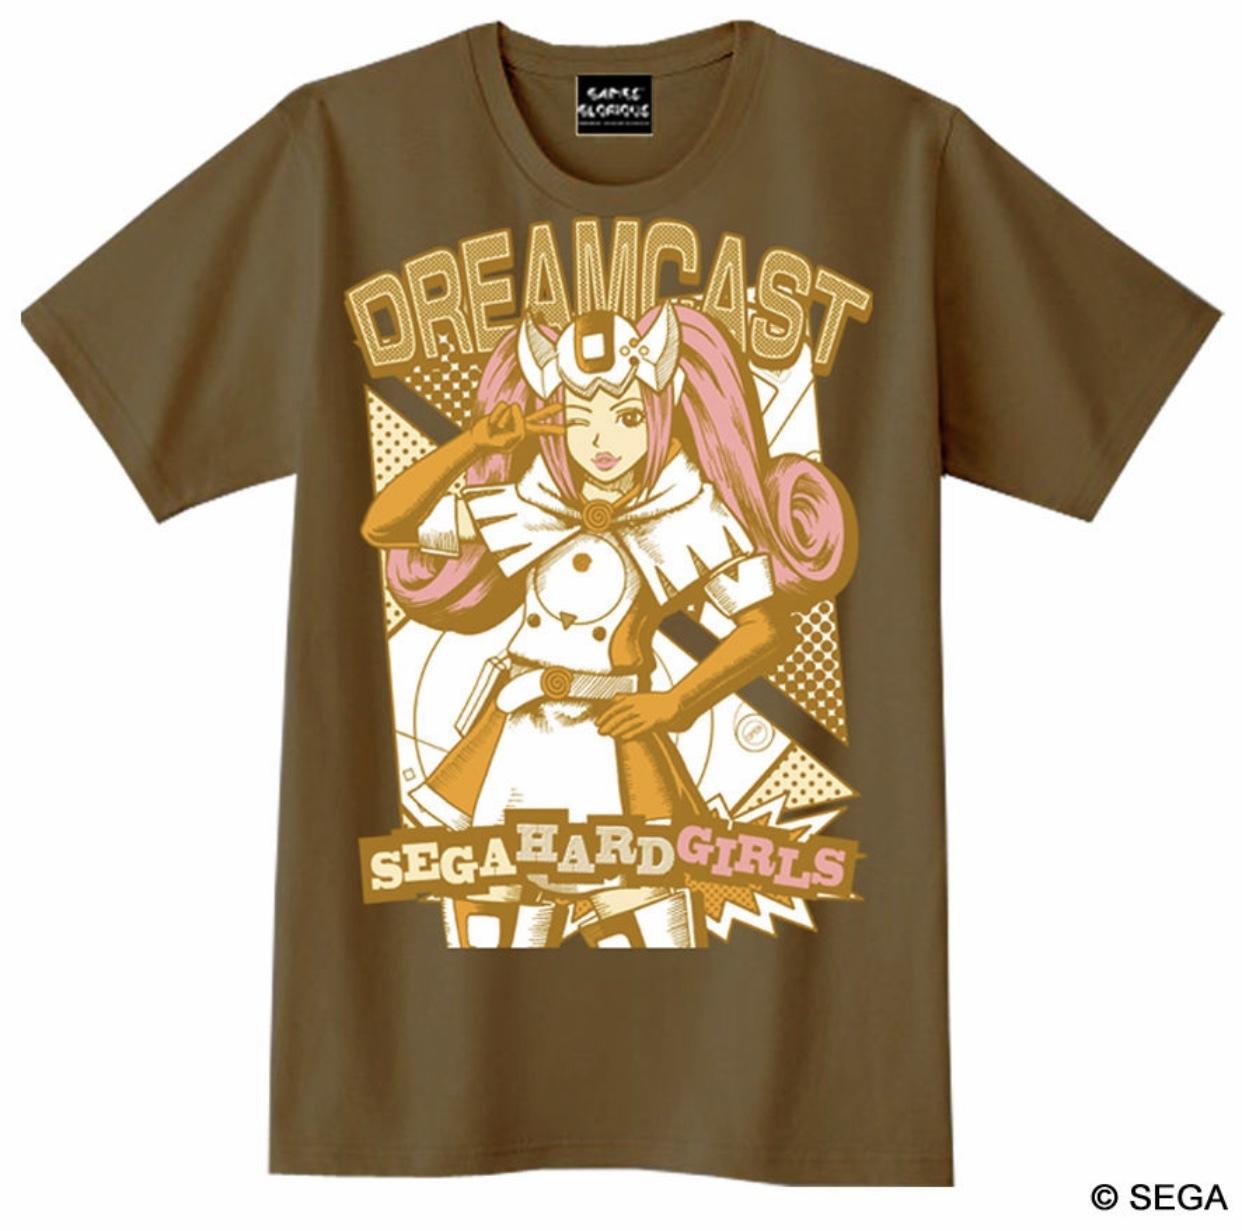 【限定30着】セガ・ハード・ガールズ x ドリームキャスト Tシャツ -ブラウン- / GAMES GLORIOUS